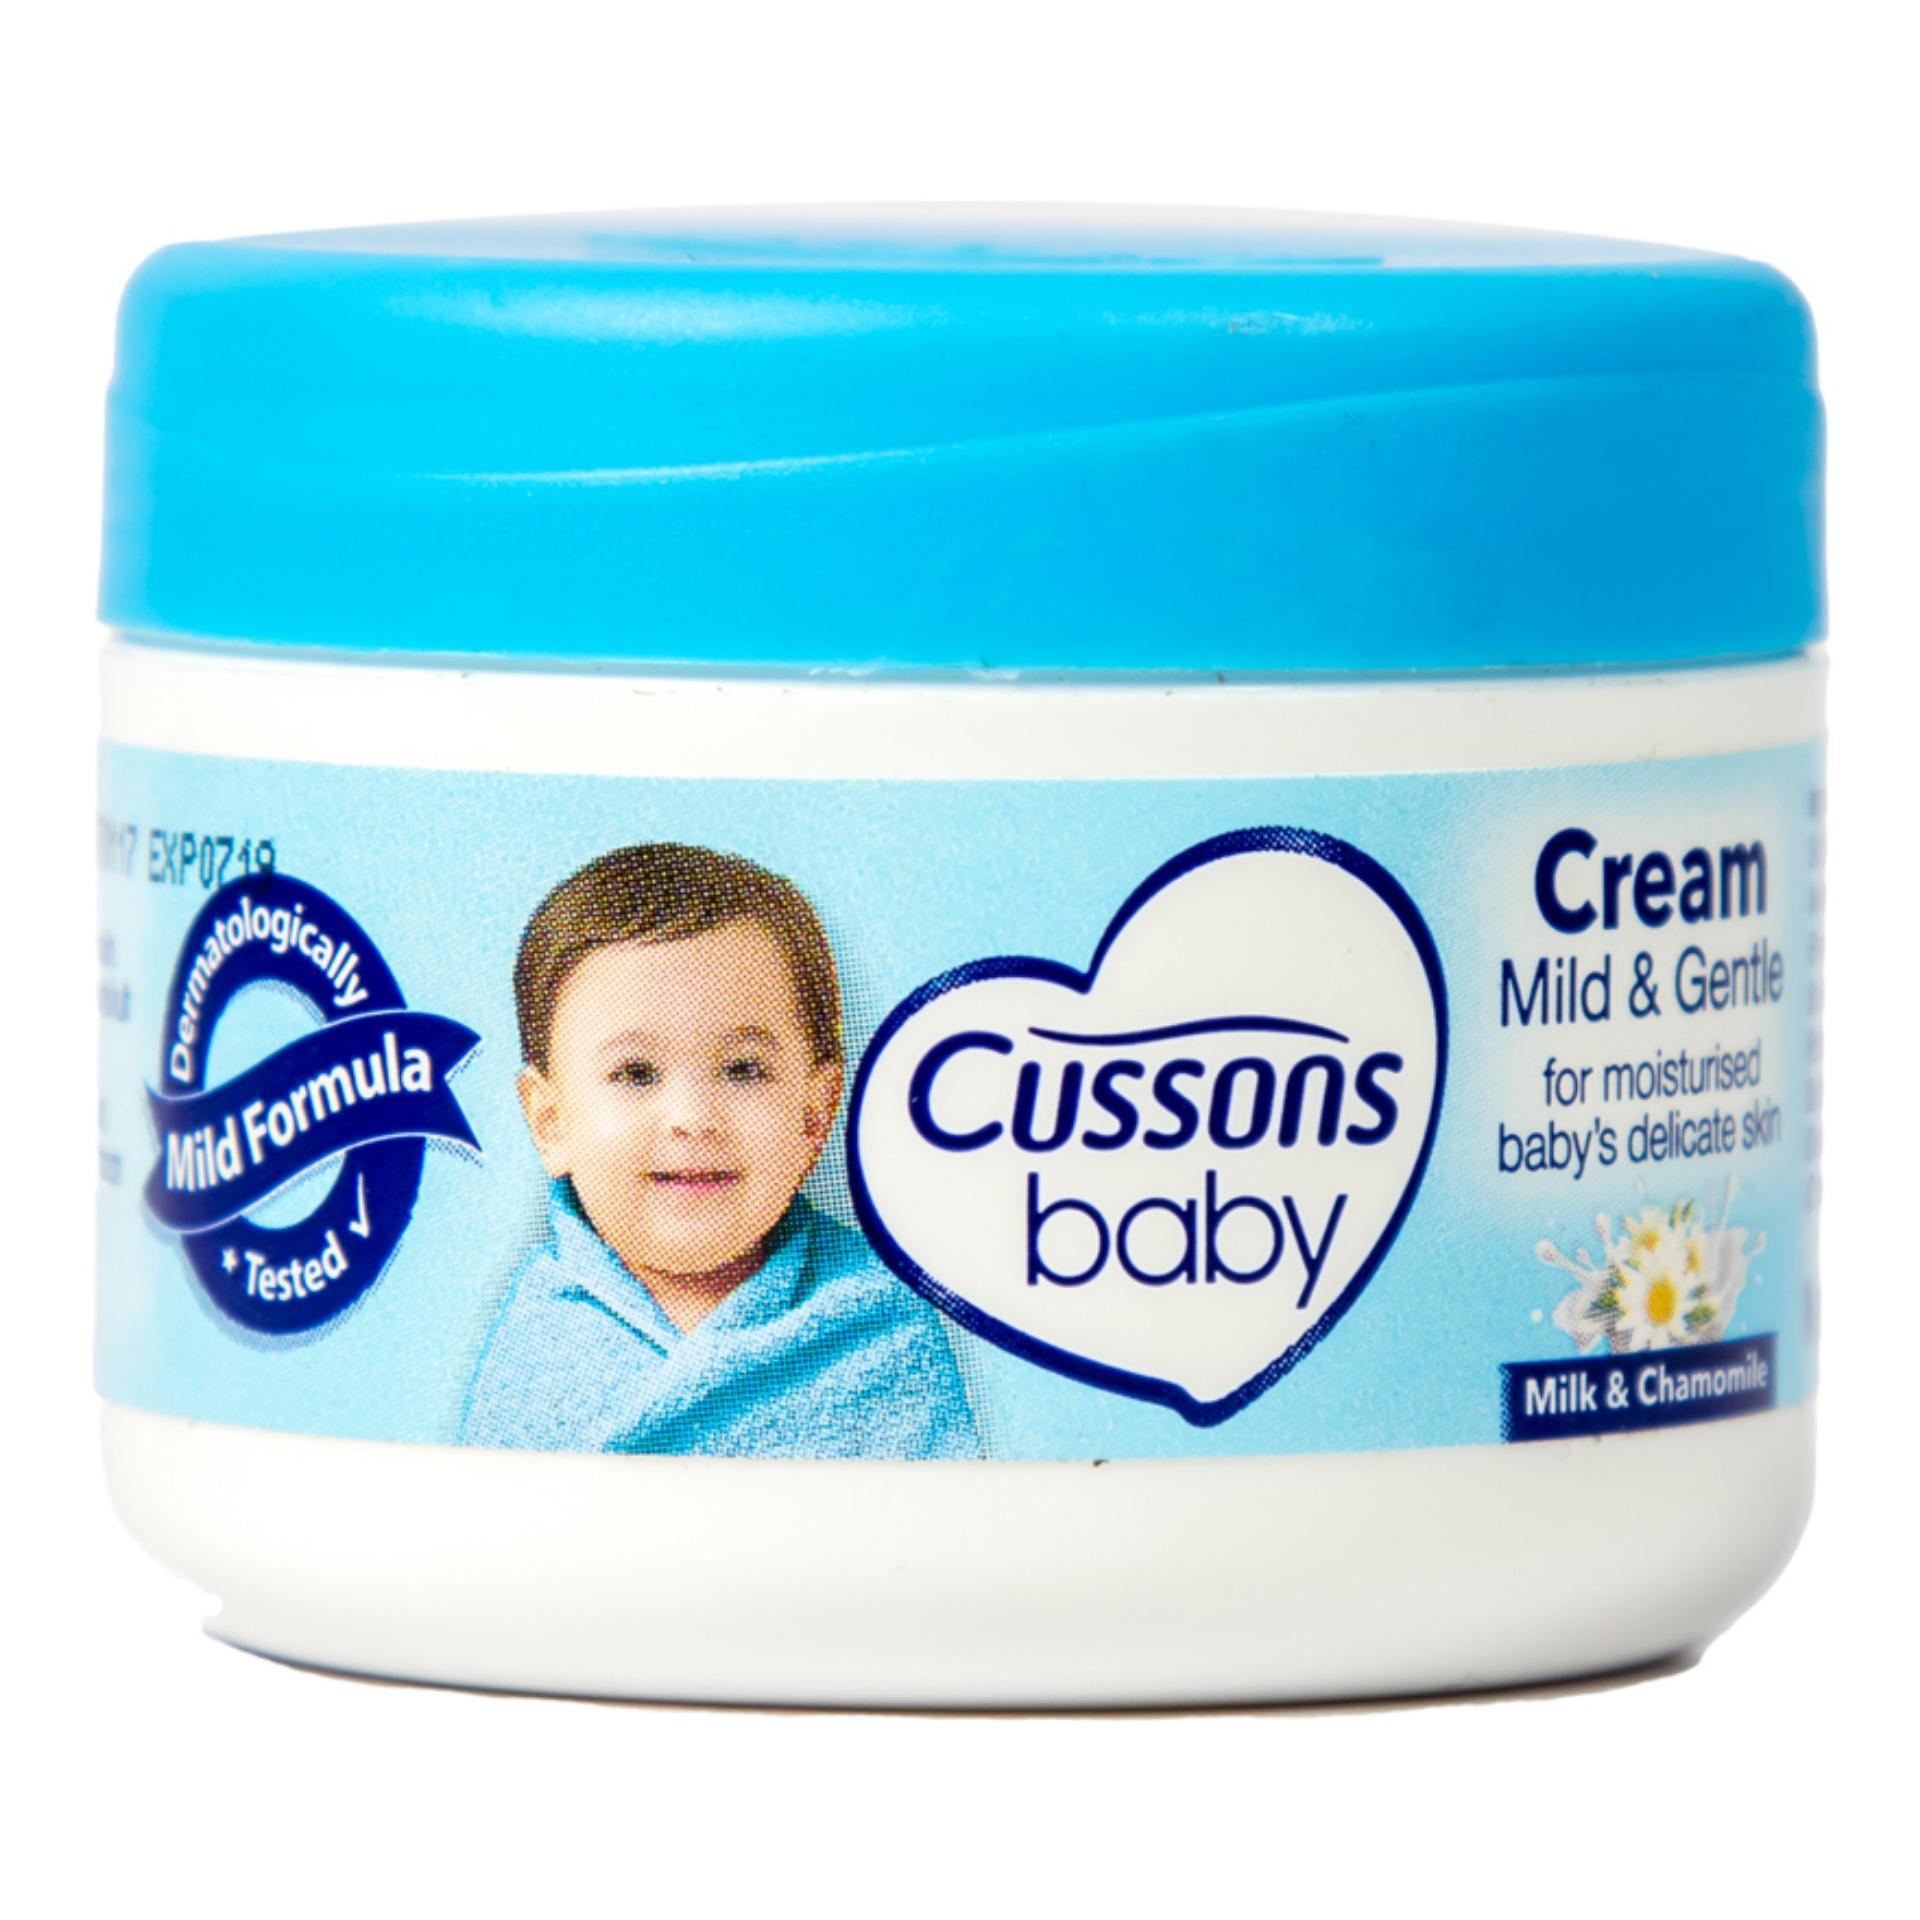 Murah Cussons Baby Cream Mild Gentle 50g Toko Perlengkapan Bayi Merries Popok Pants Good Skin Xl 16 Pulau Jawa Only